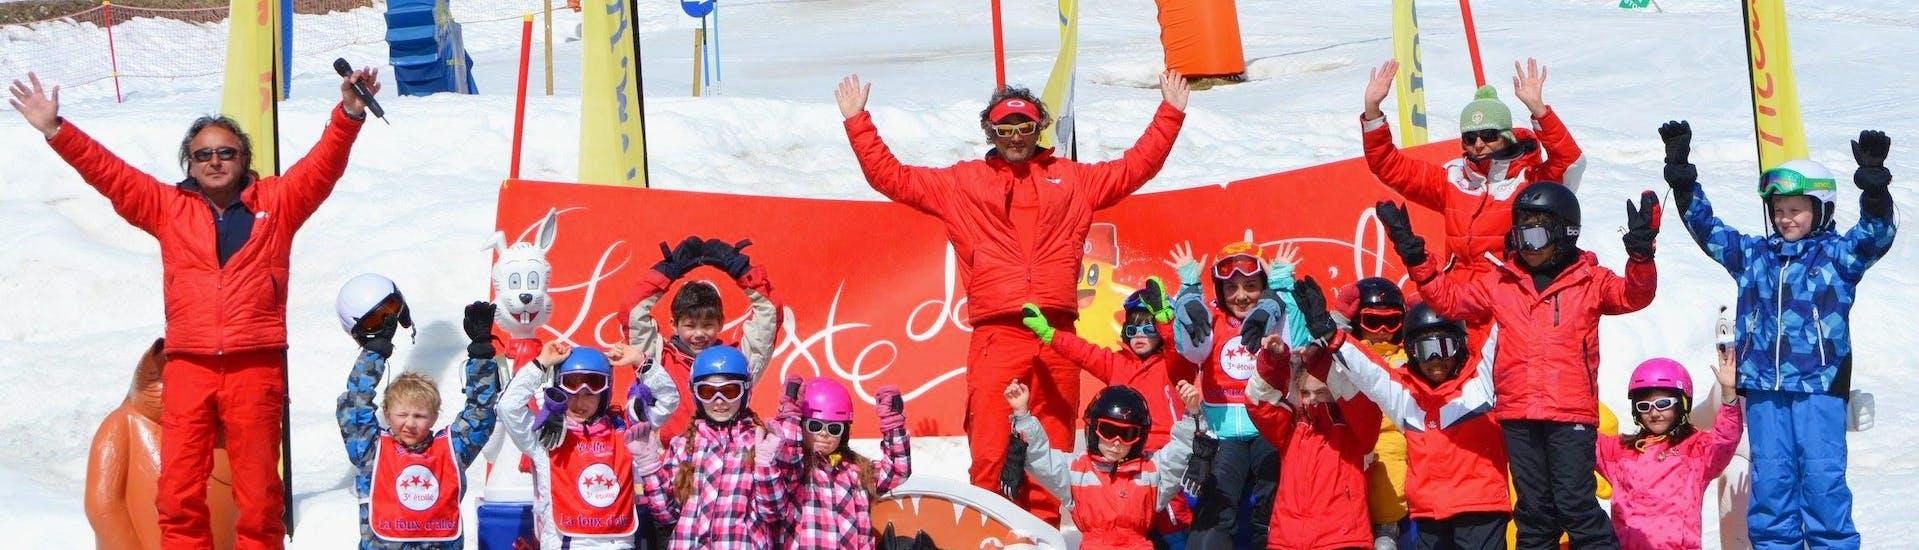 Les enfants prennent une photo de groupe tous ensemble à la fin de leur Cours de ski Enfants (4-12 ans) avec l'école de ski ESF La Foux d'Allos.